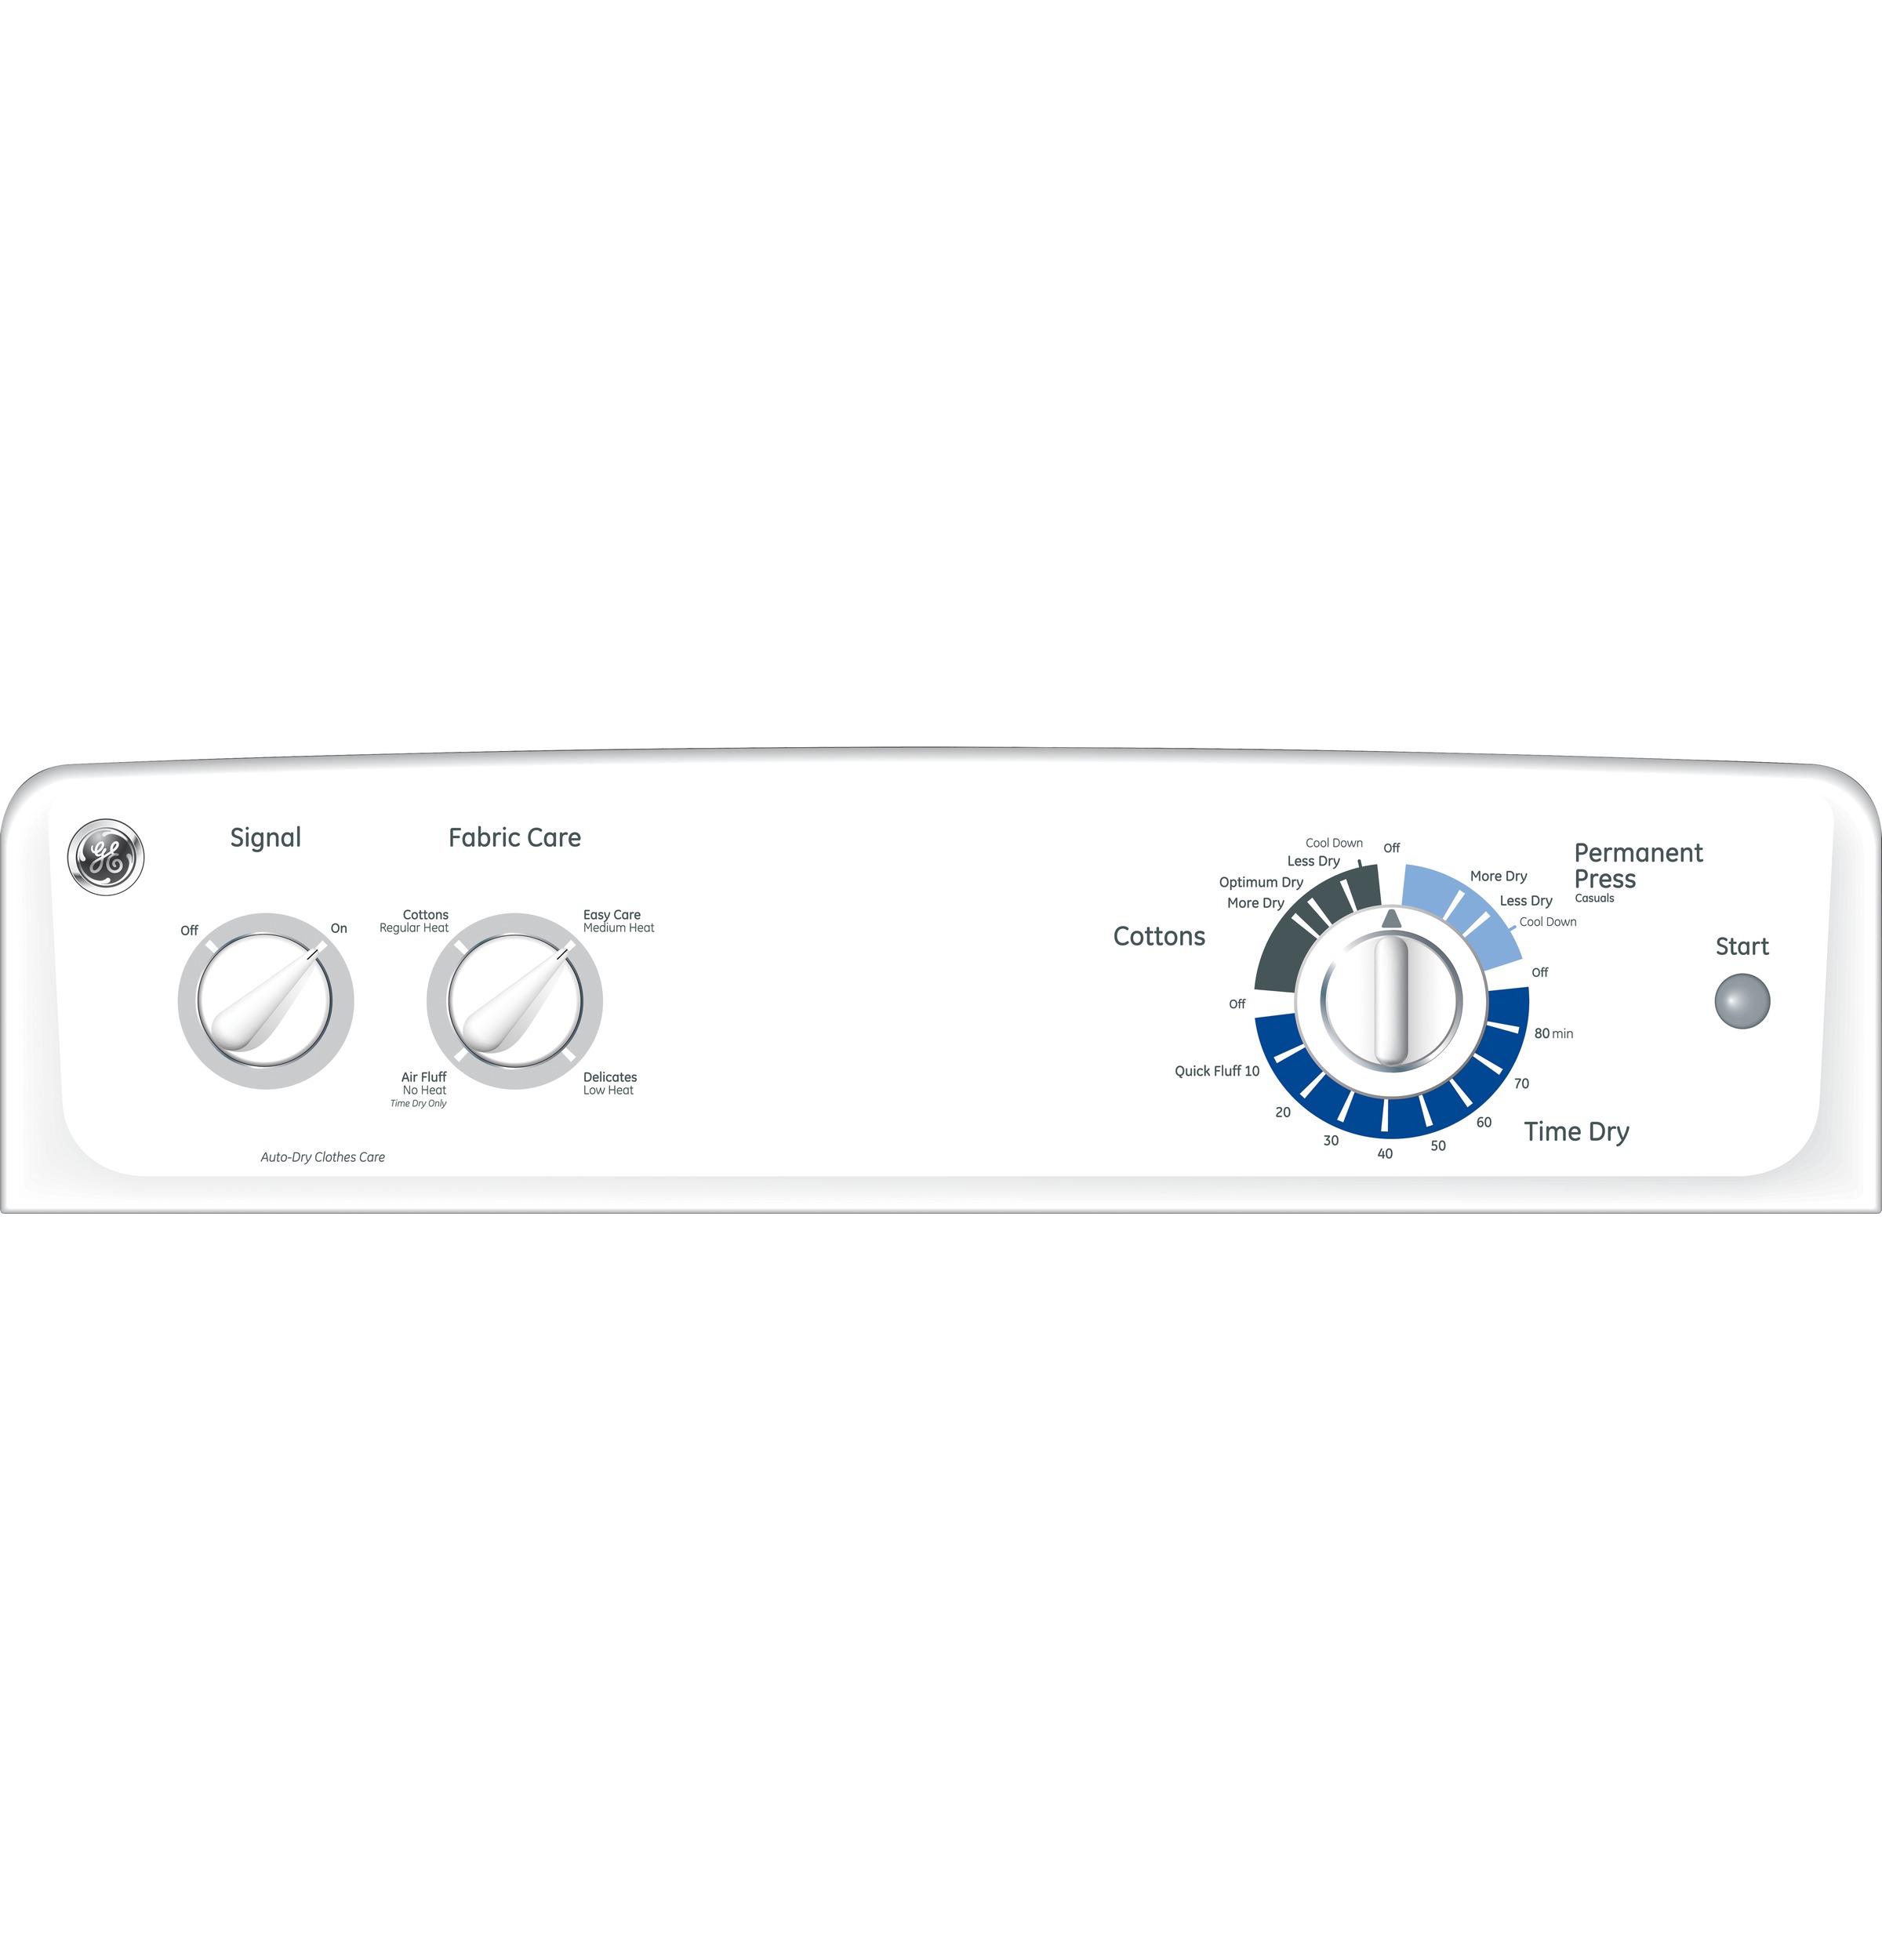 GE Appliances 7.0 cu. ft. Dura Drum Gas Dryer - White